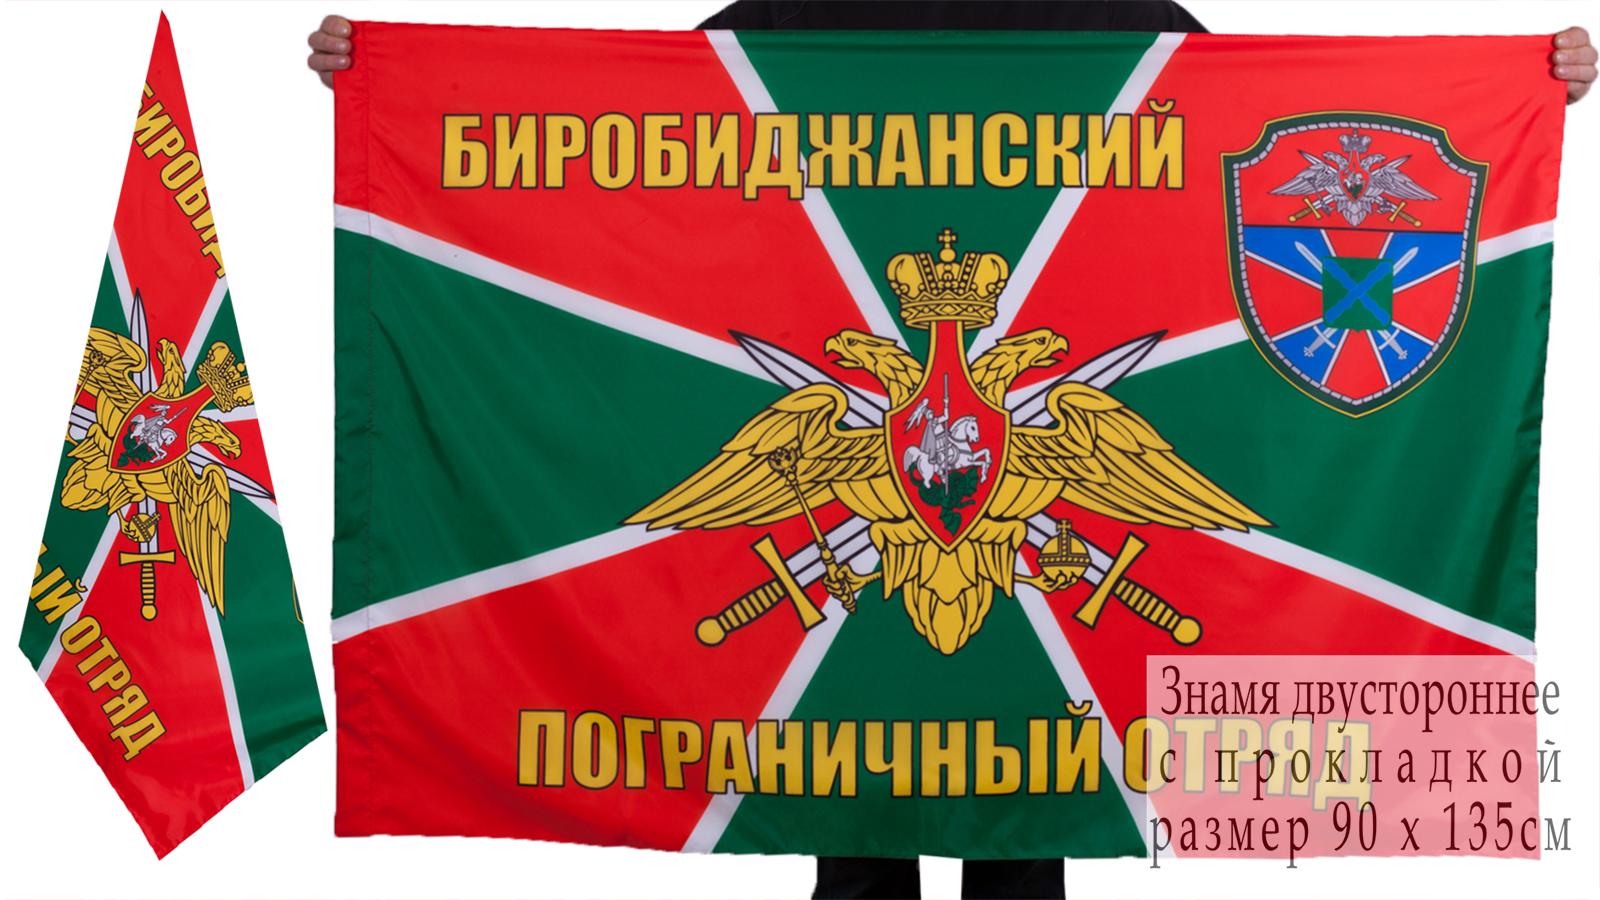 Купить двухсторонний флаг «Биробиджанский пограничный отряд»